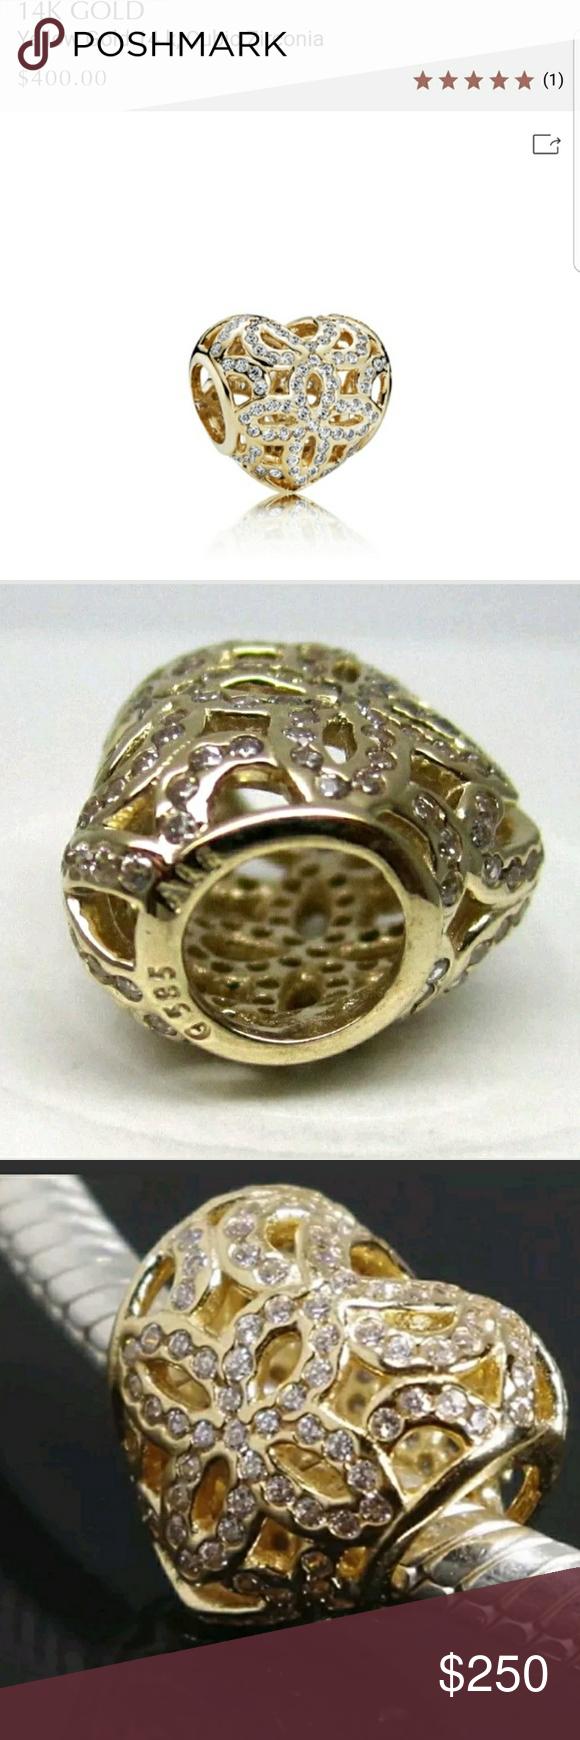 c461e4bc8 Authentic Pandora 750837CZ 14K Yellow gold. NEW! Description Pandora  750837CZ Bead/Charm Love